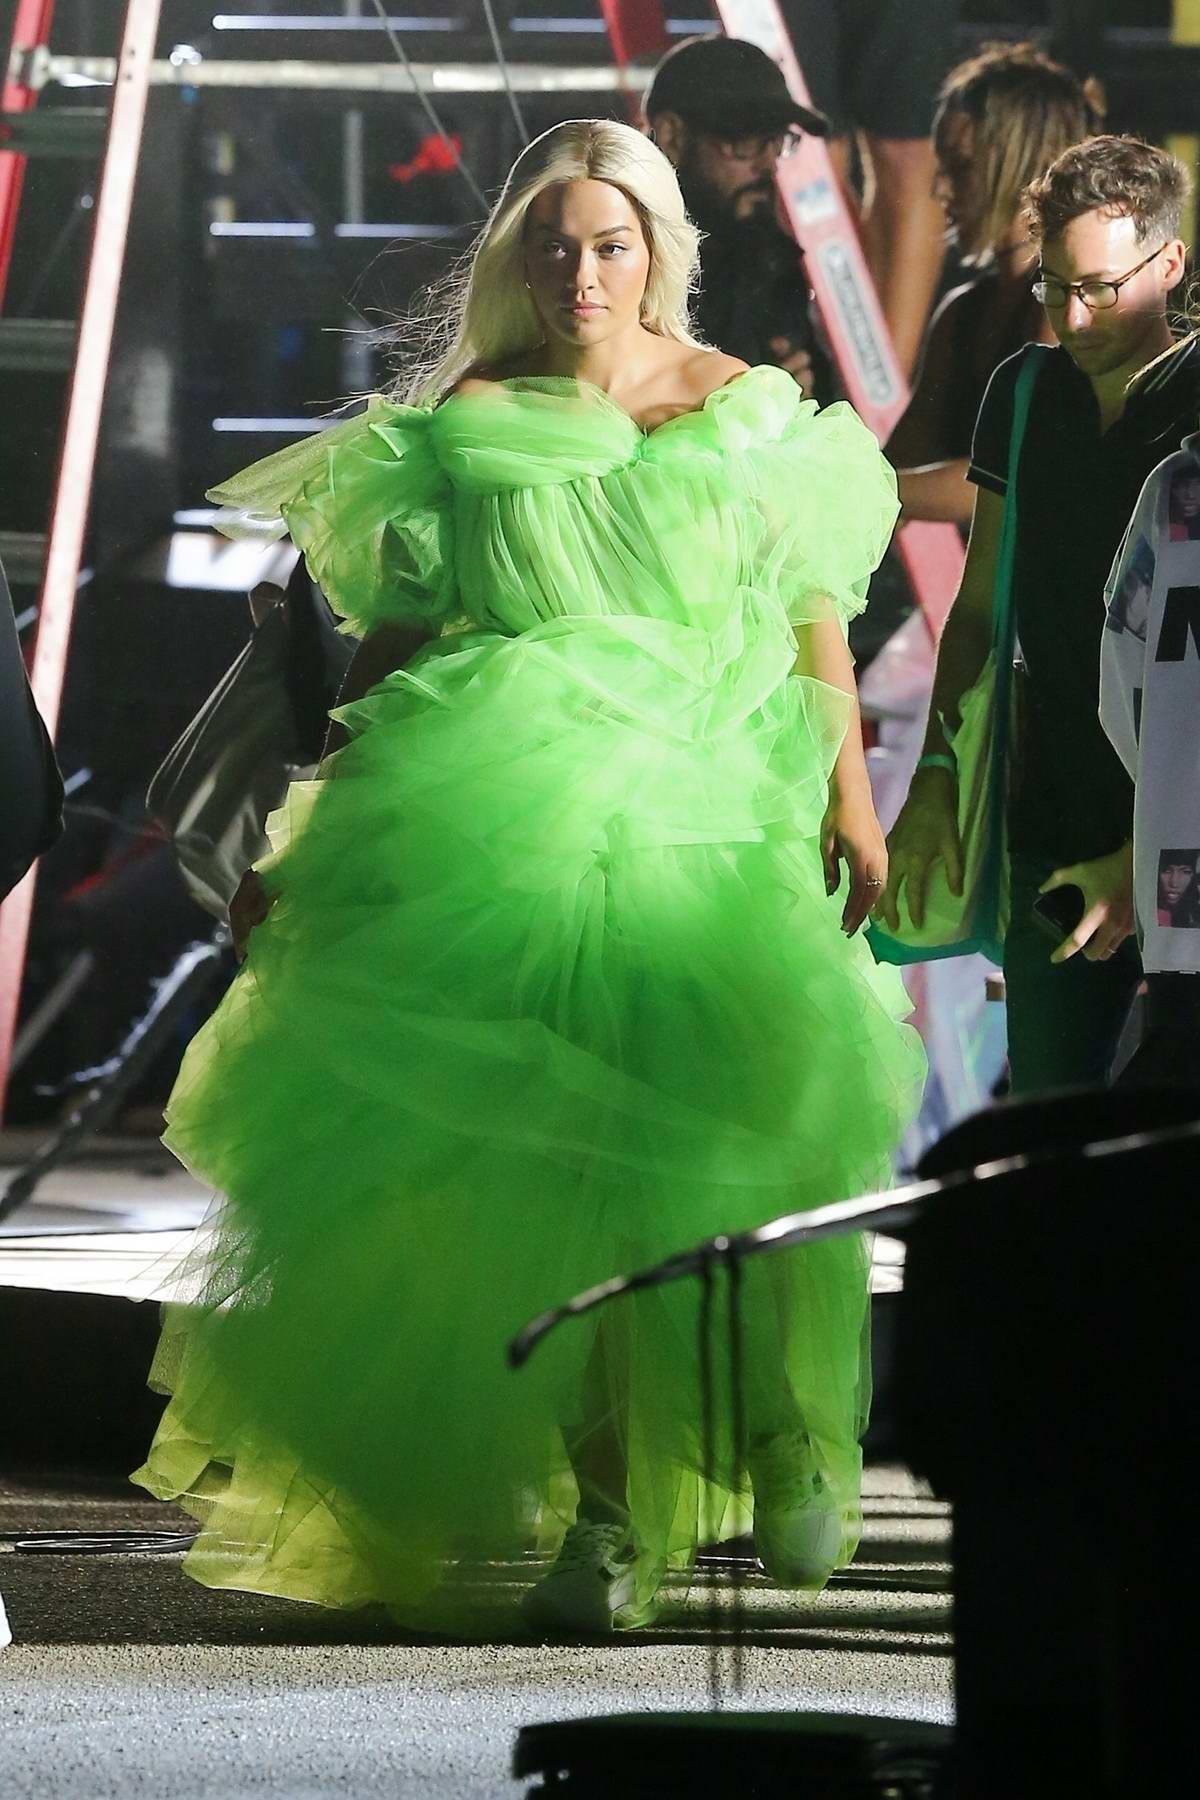 Rita Ora glows in a neon green dress shooting a Deichmann collection ad in Miami, Florida